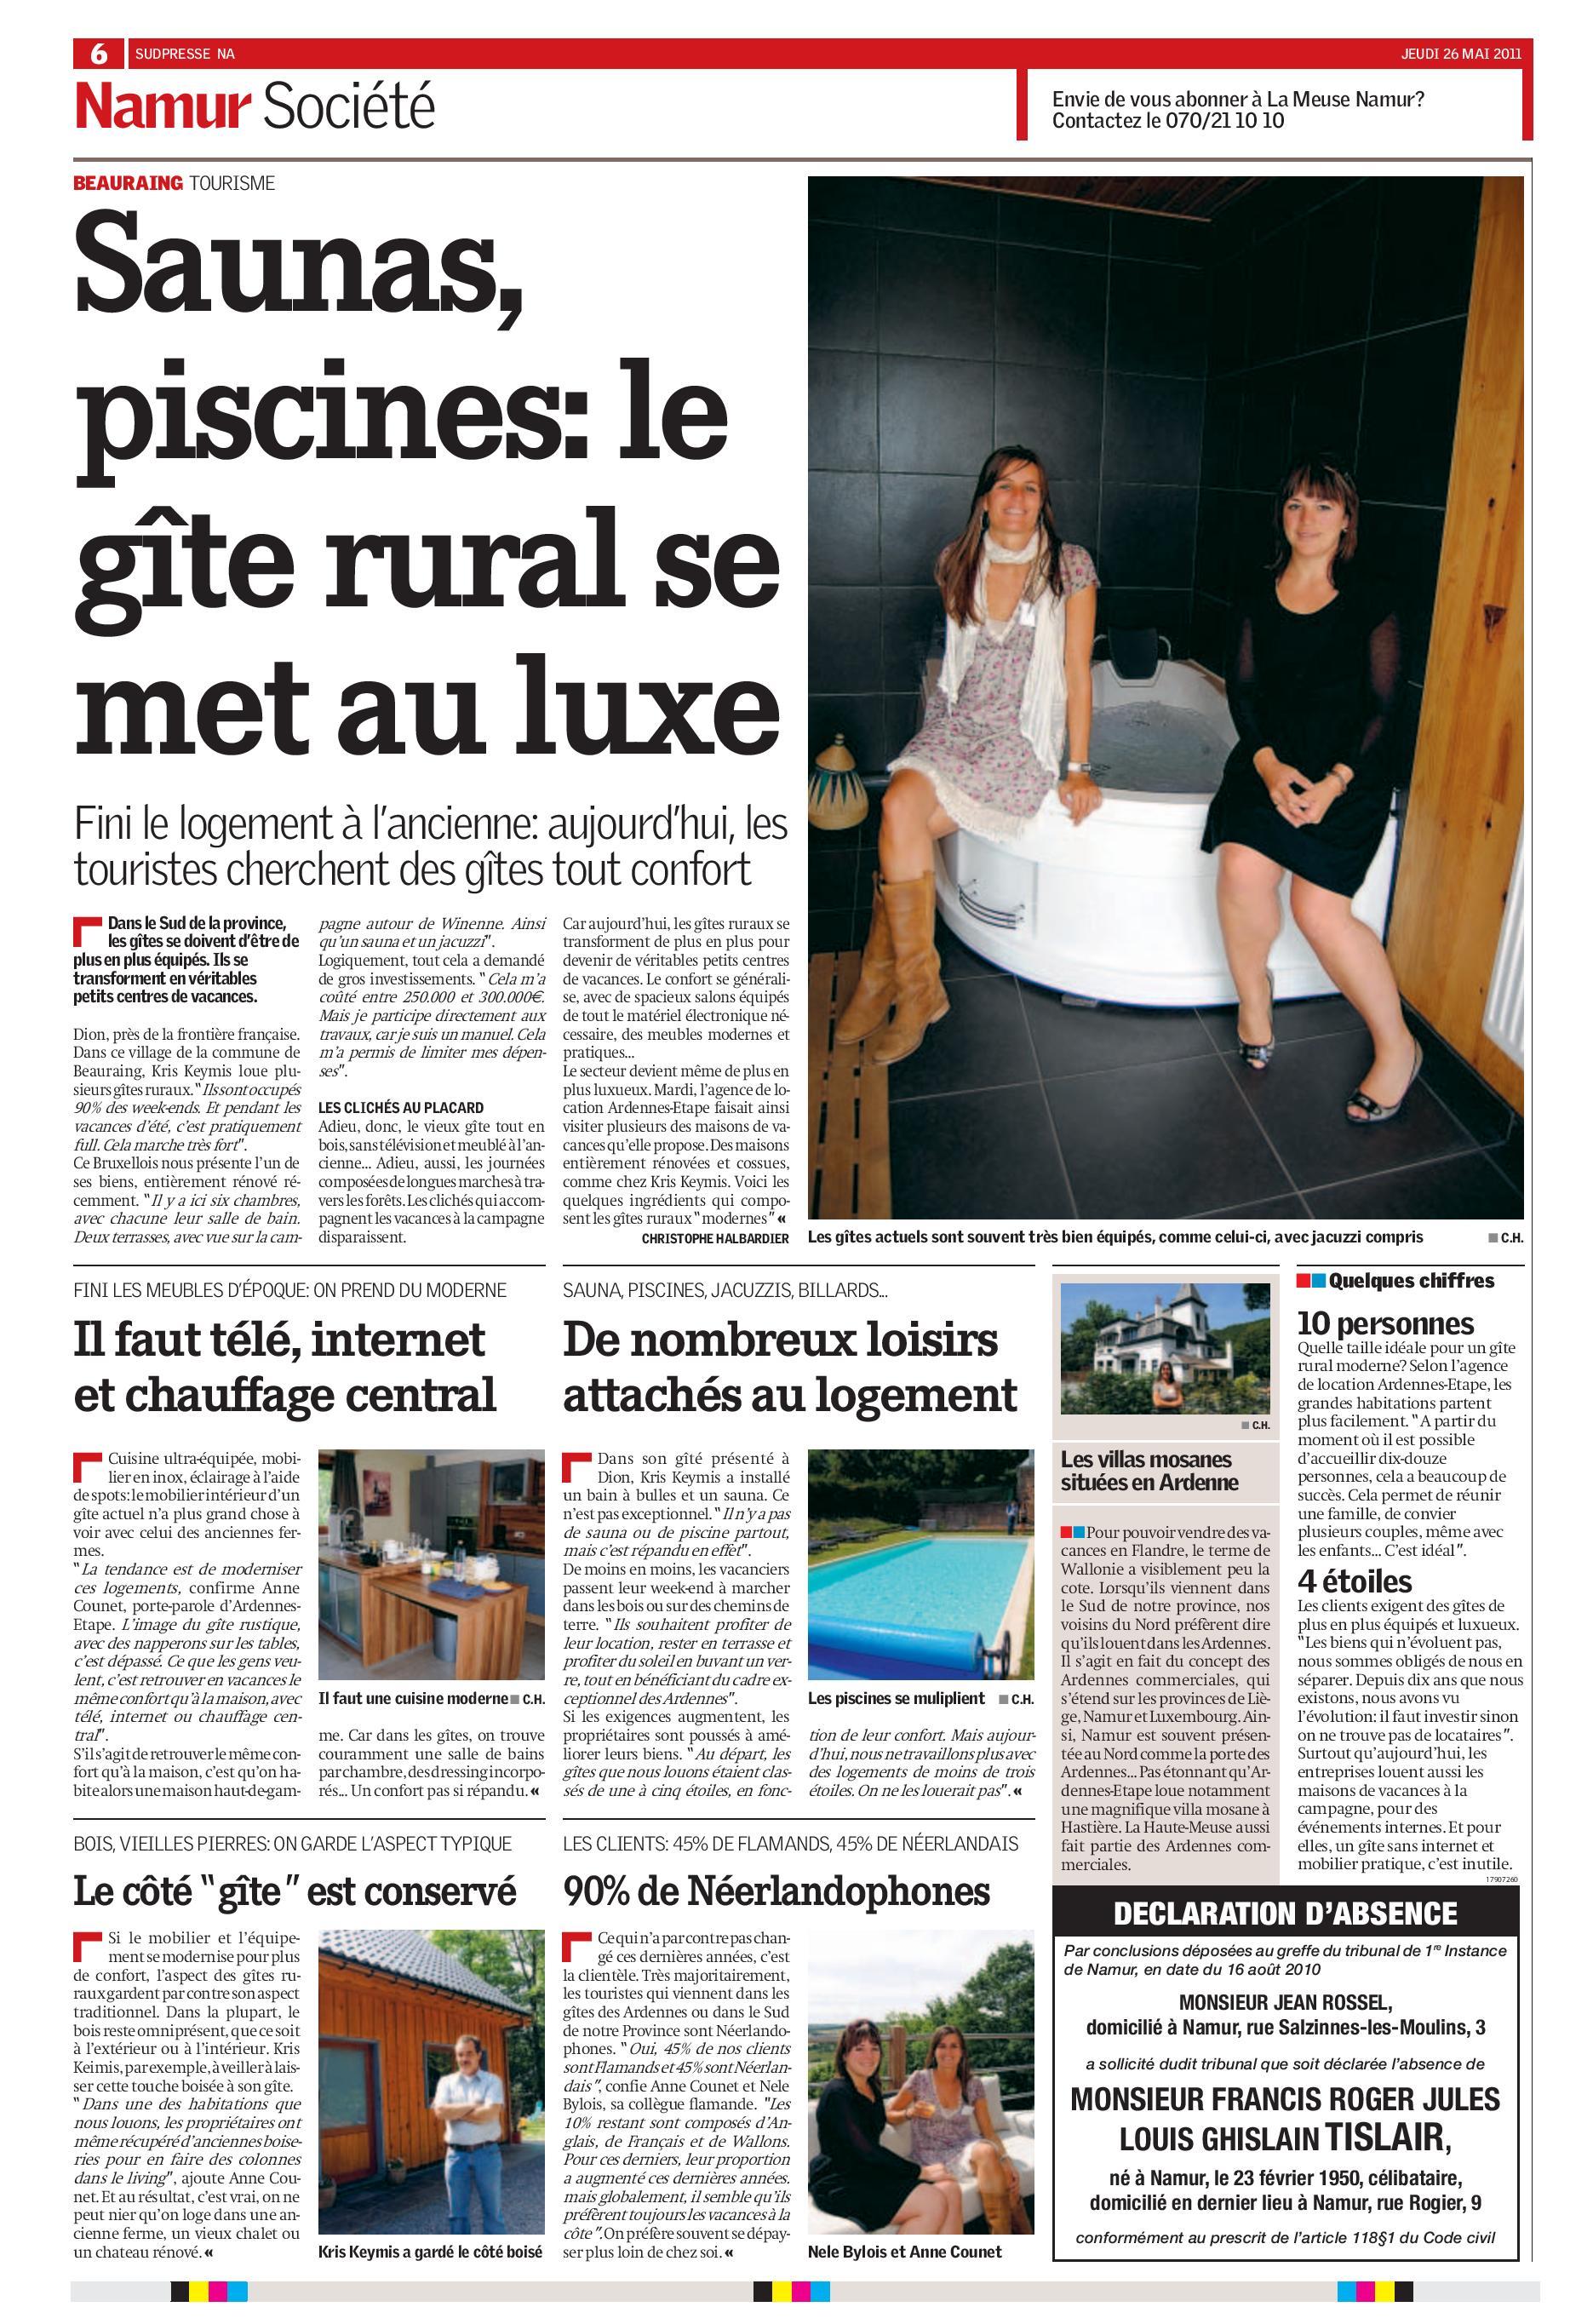 Saunas, piscines: le gîte rural se met au luxe